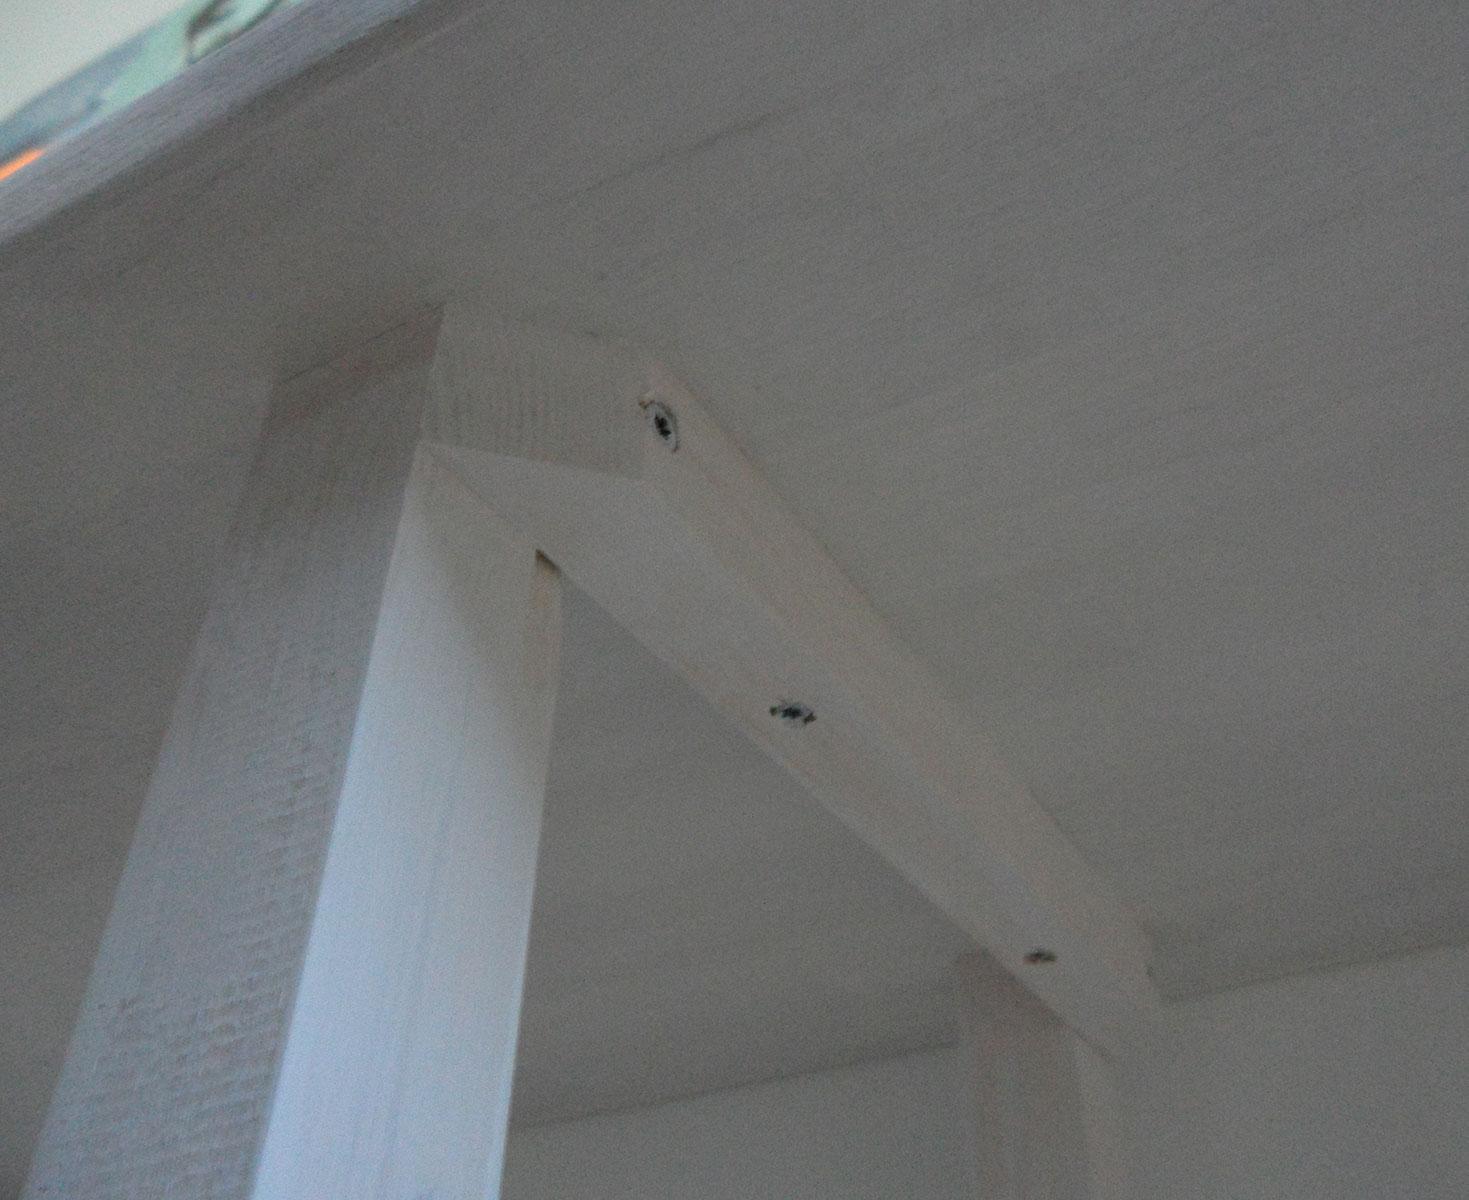 Lister og ben monteres på bænk i kontor